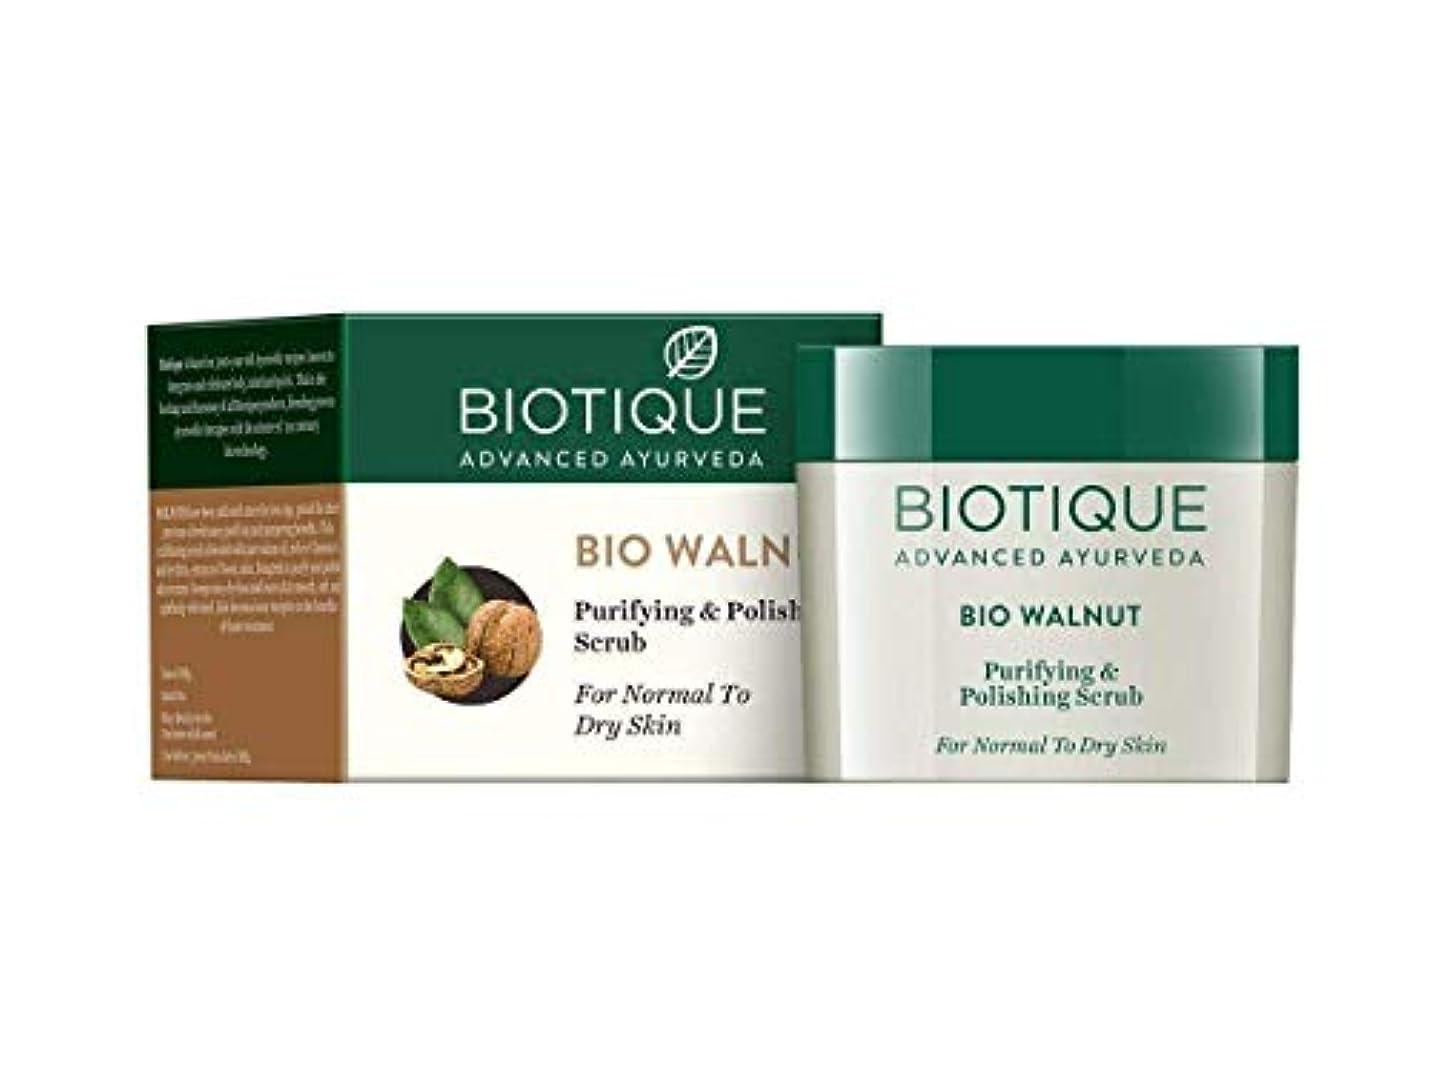 事浪費するだろうBiotique Bio Walnut Purifying & Polishing Scrub, 50g get rid of the dead cells